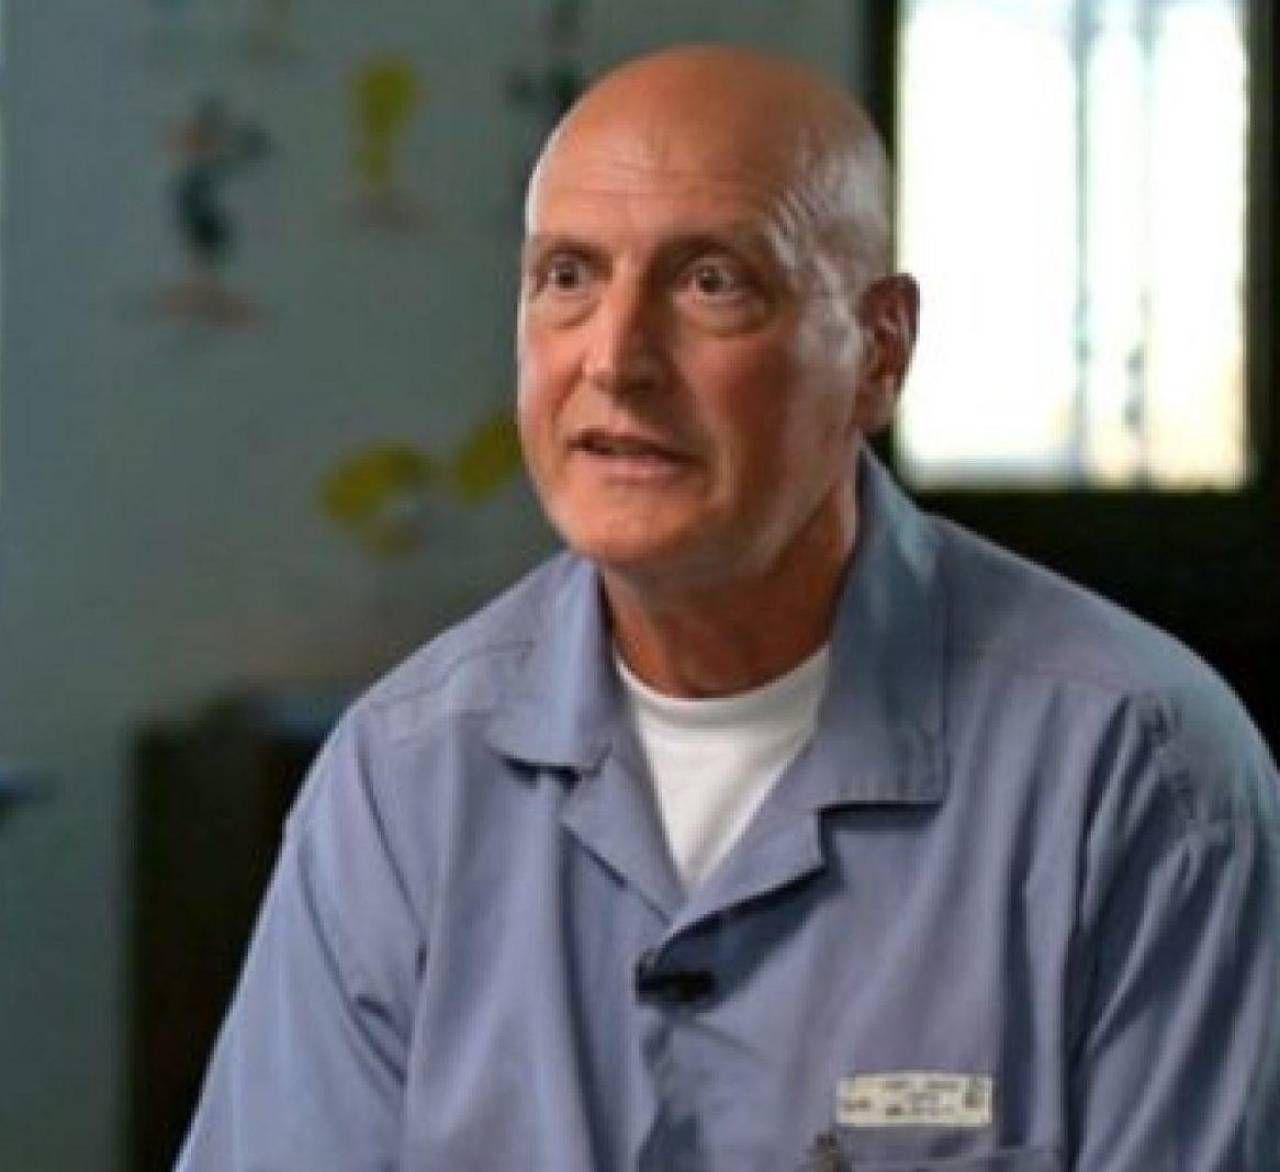 Chico Forti, trentino, 61 anni, pseudonimo di Enrico Forti, condannato all'ergastolo negli Usa